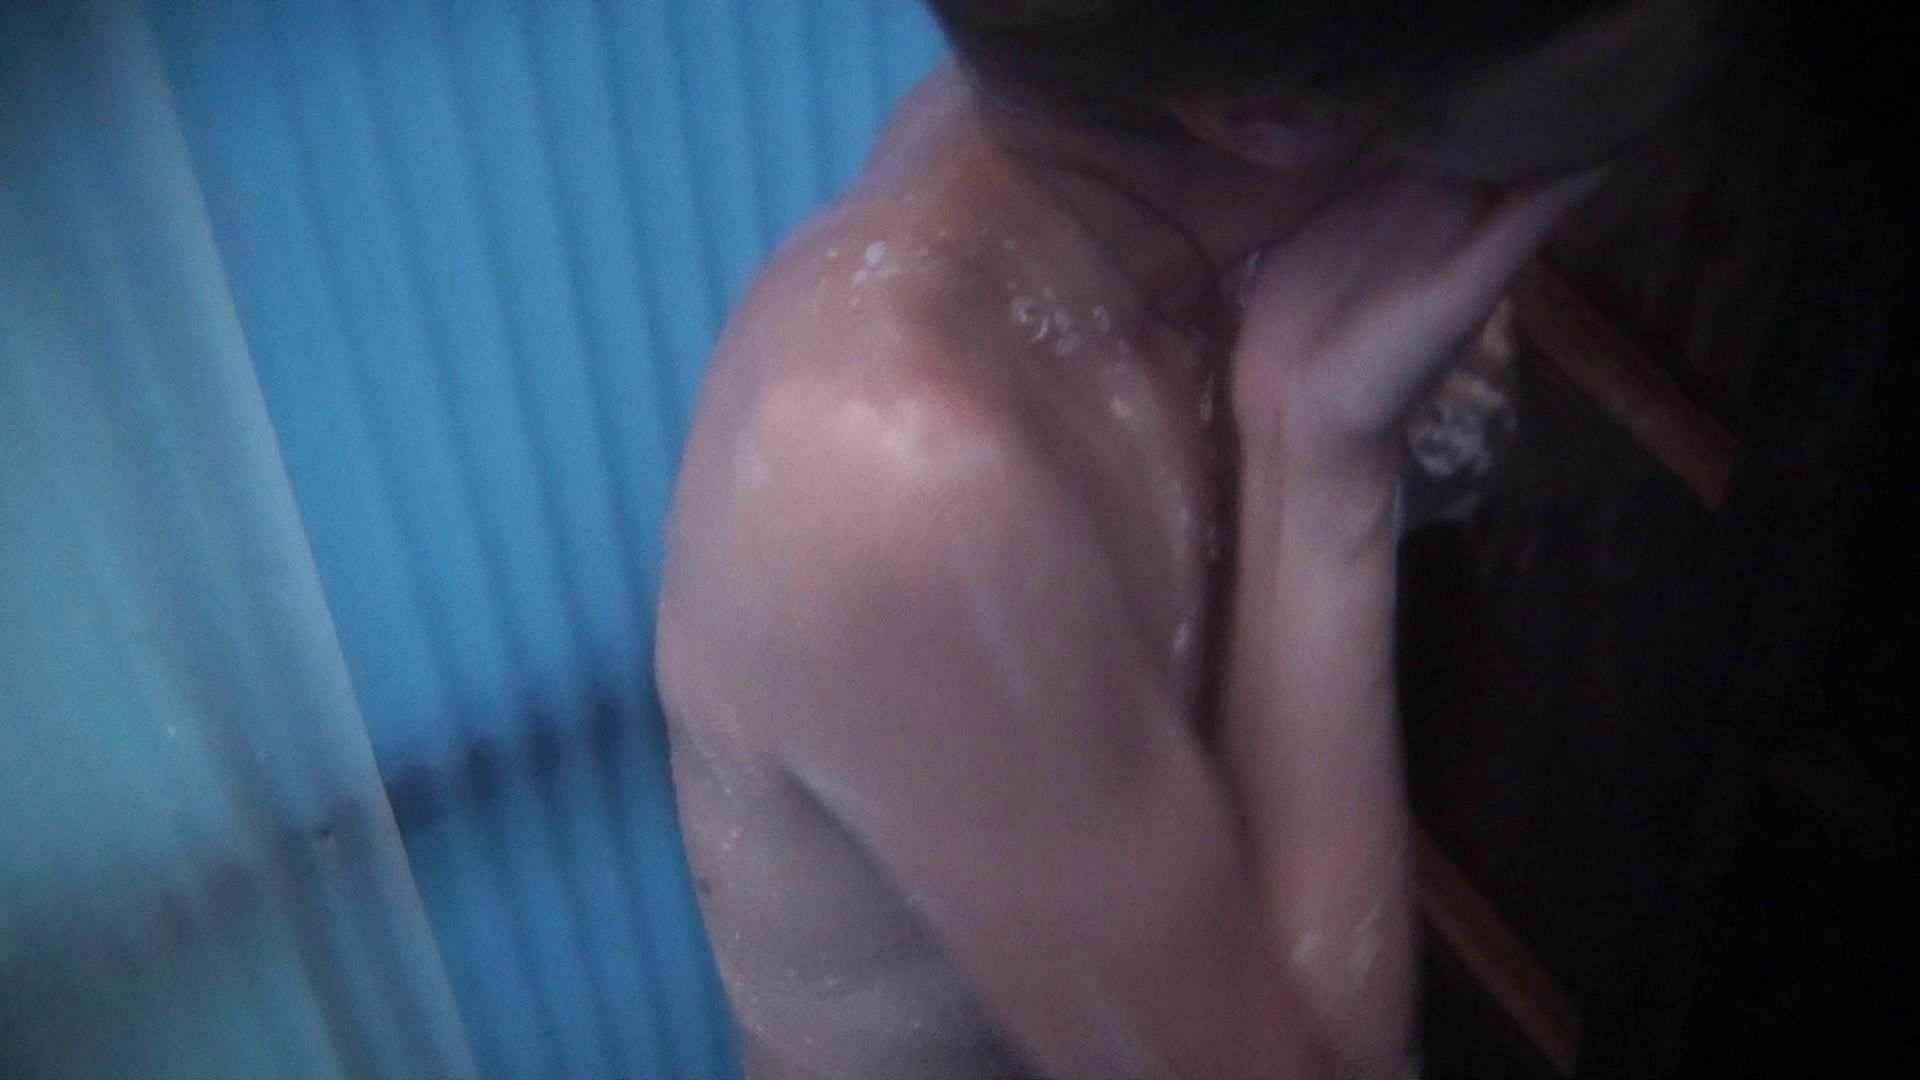 シャワールームは超!!危険な香りVol.22 オッパイに盛りが欲しい貧乳美女 美女丸裸 ワレメ無修正動画無料 82pic 37